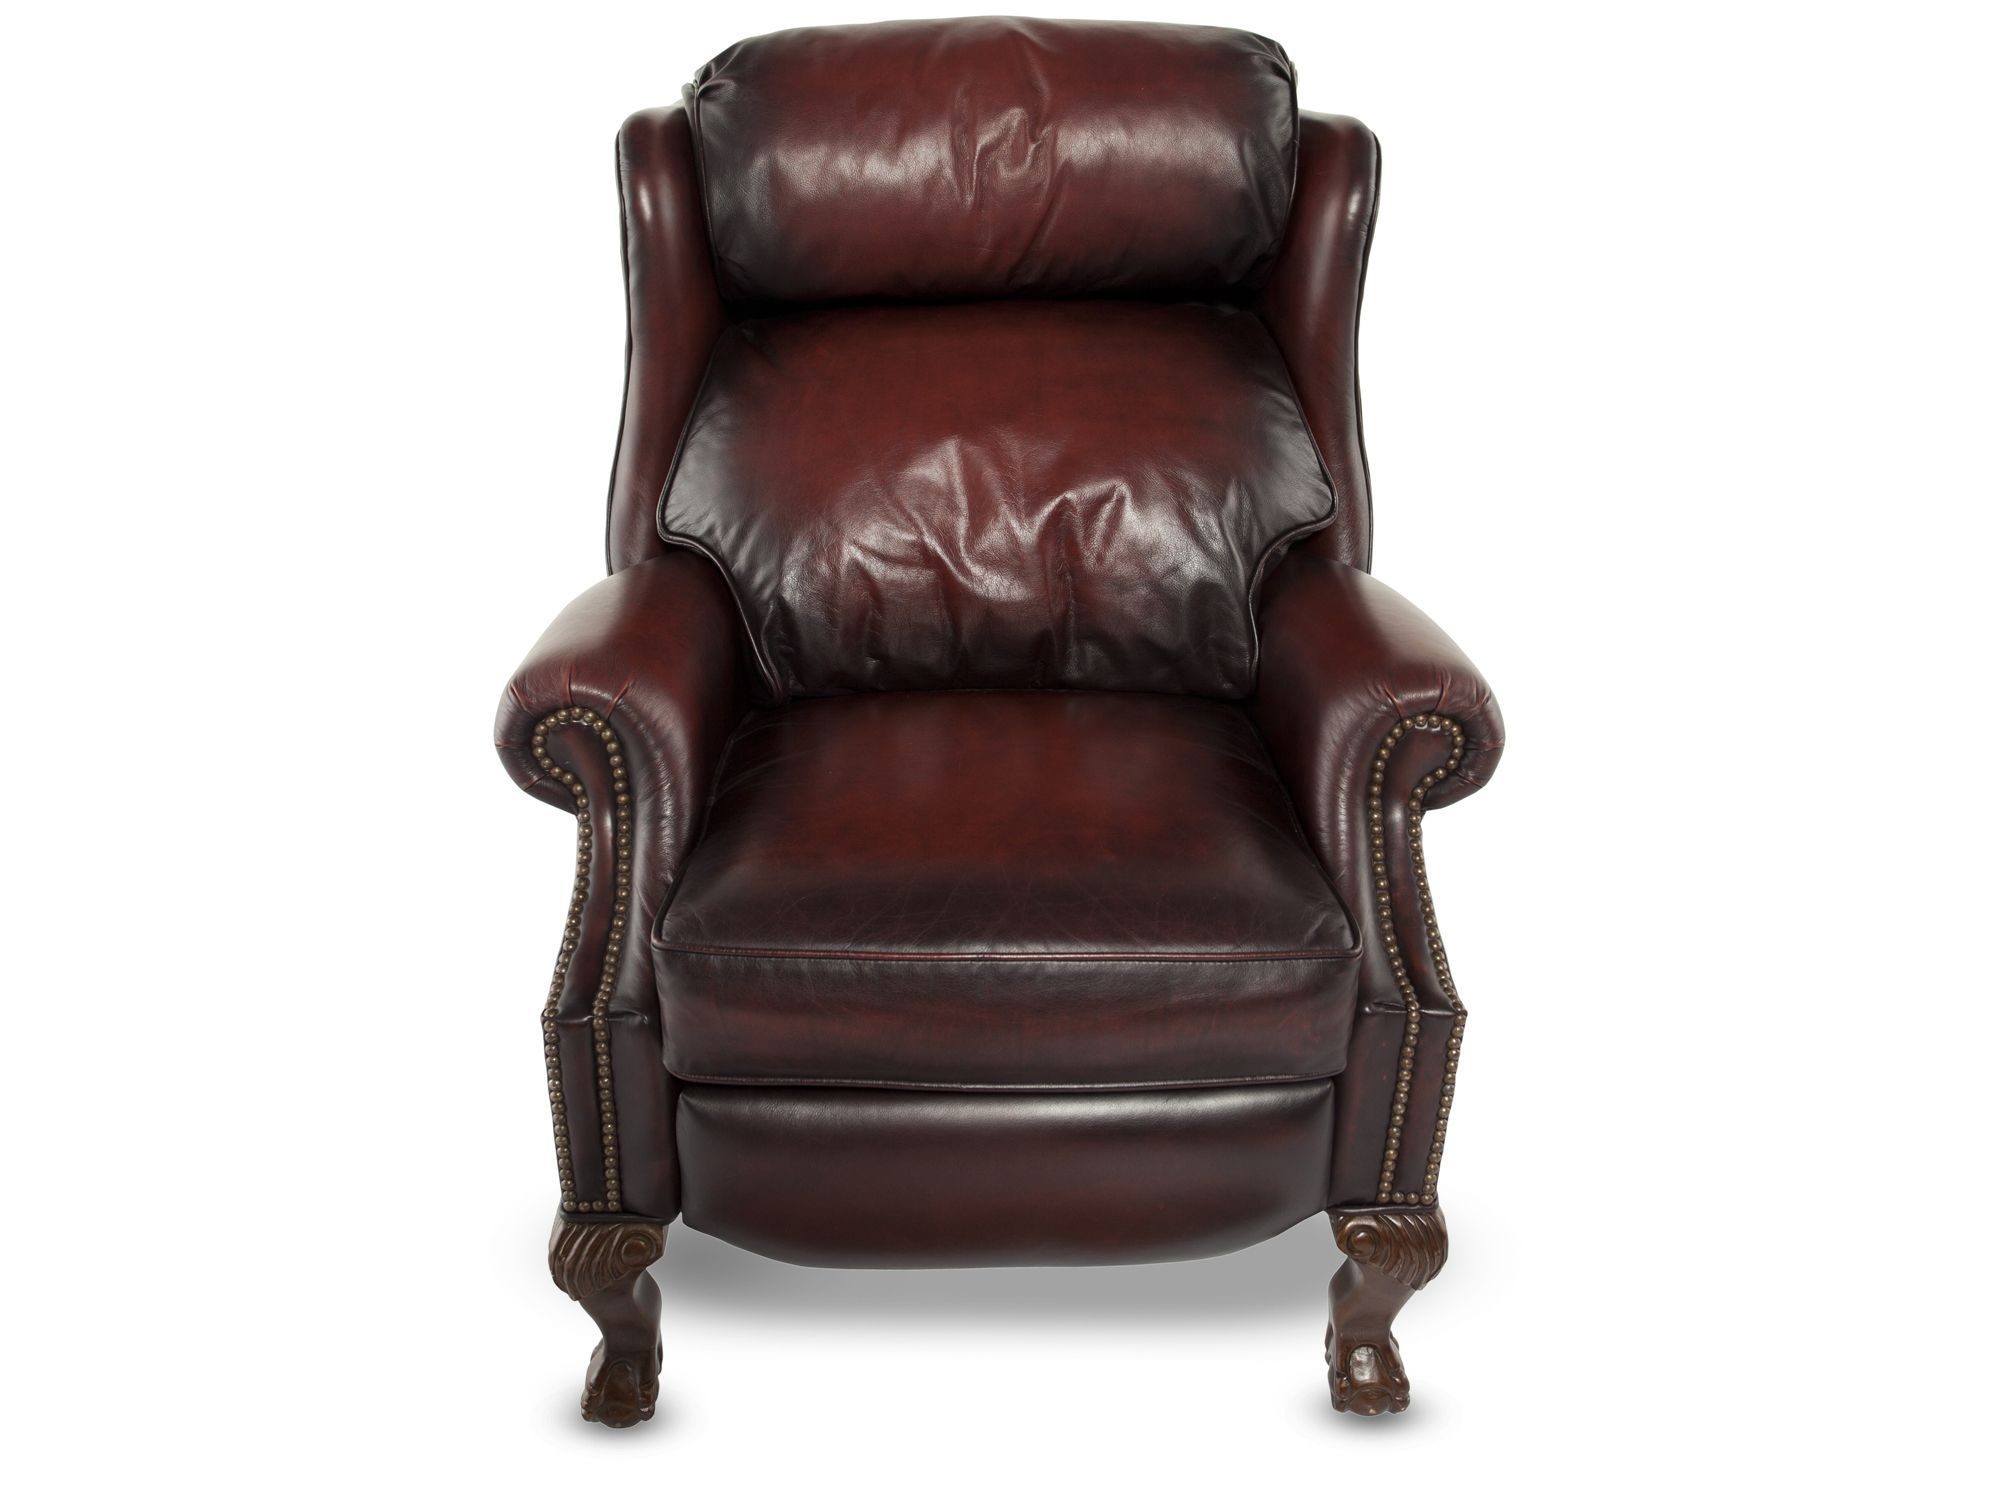 Bernhardt Briggs Burgundy Leather Recliner Furniture